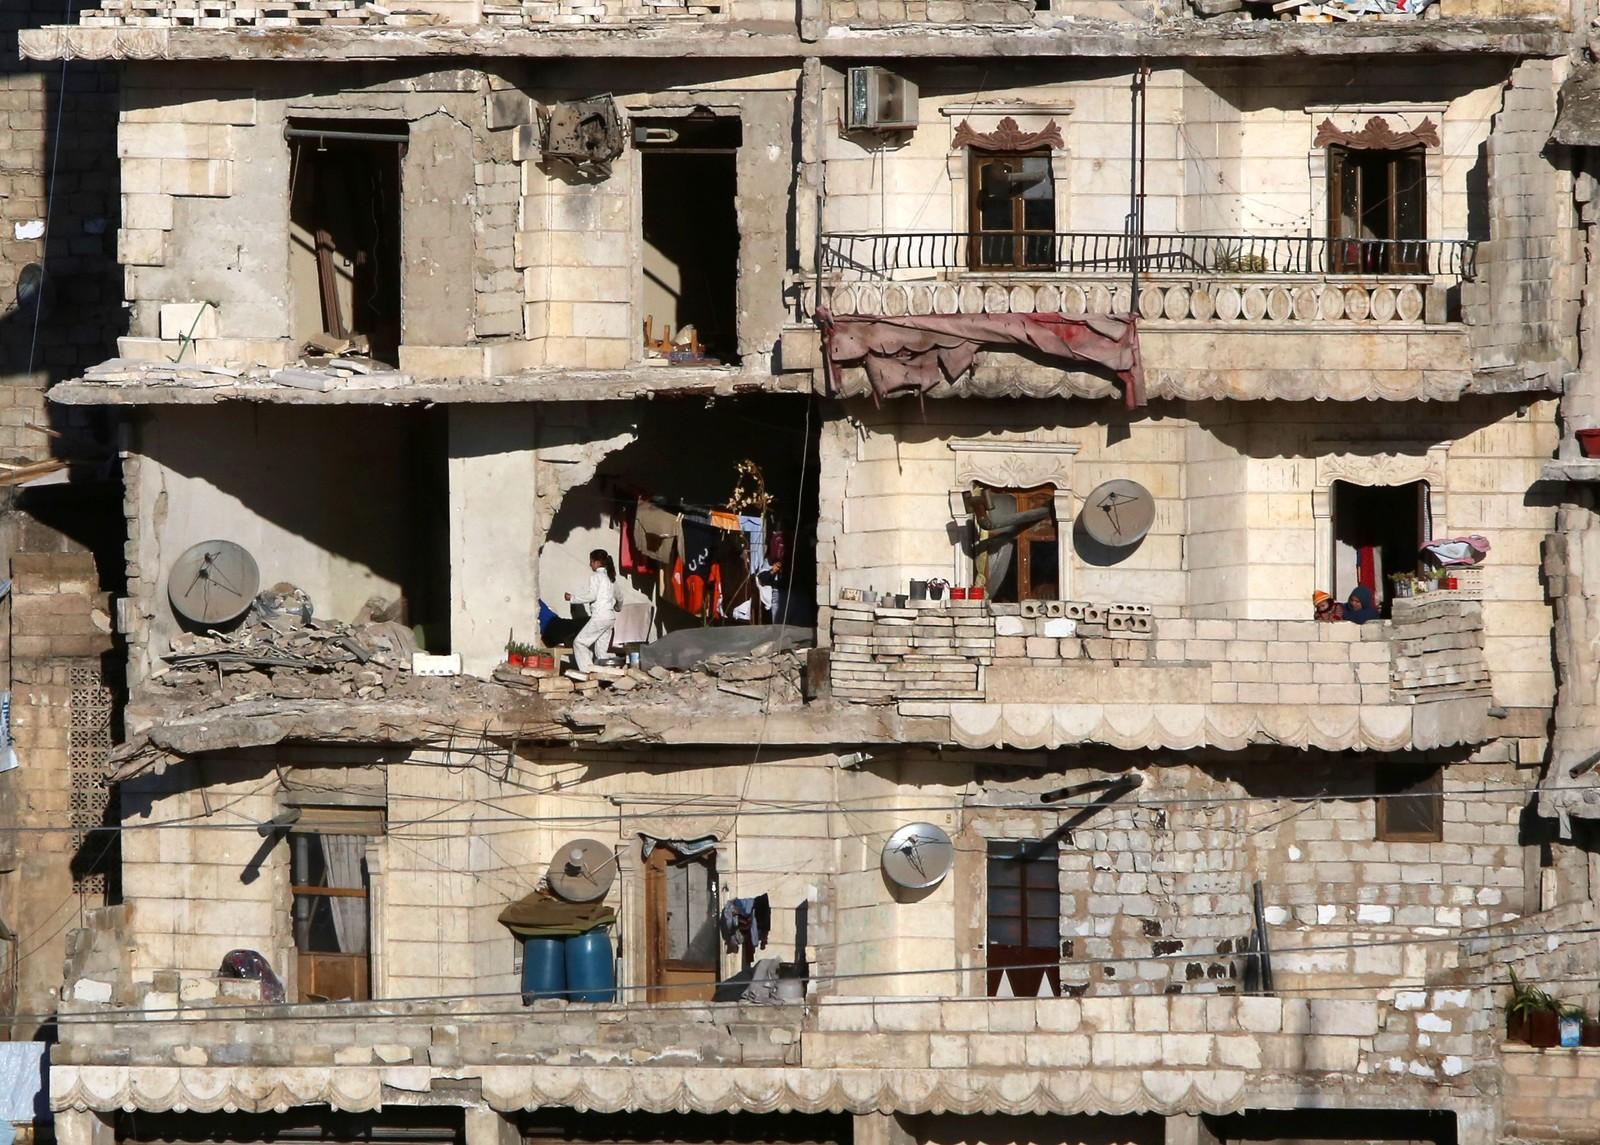 Innbyggere i et sønderbombet hus i en regimekontrollert del av Aleppo.